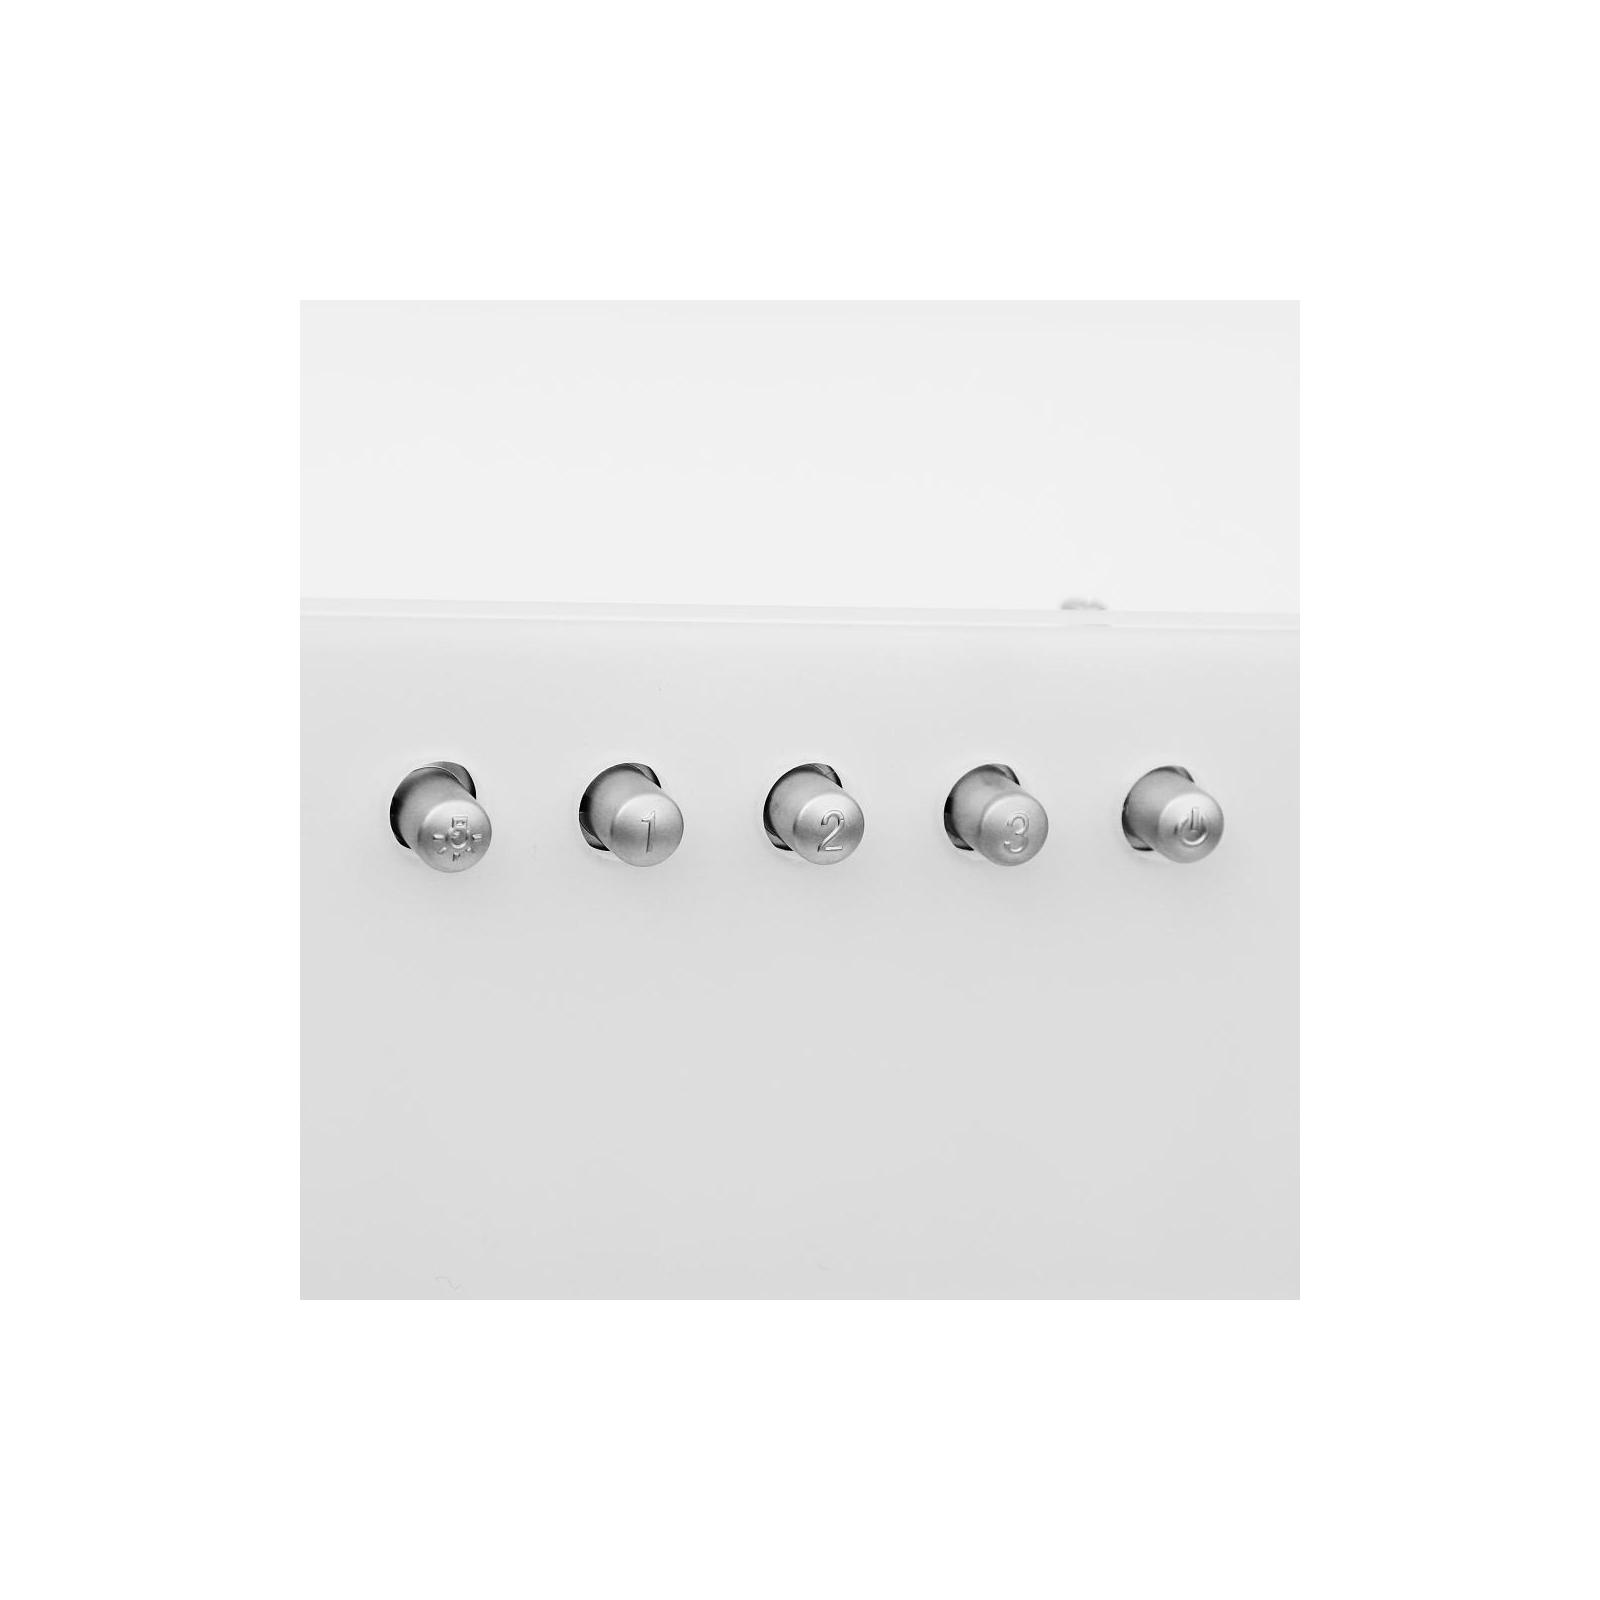 Вытяжка кухонная PERFELLI BI 6562 A 1000 W LED GLASS изображение 4